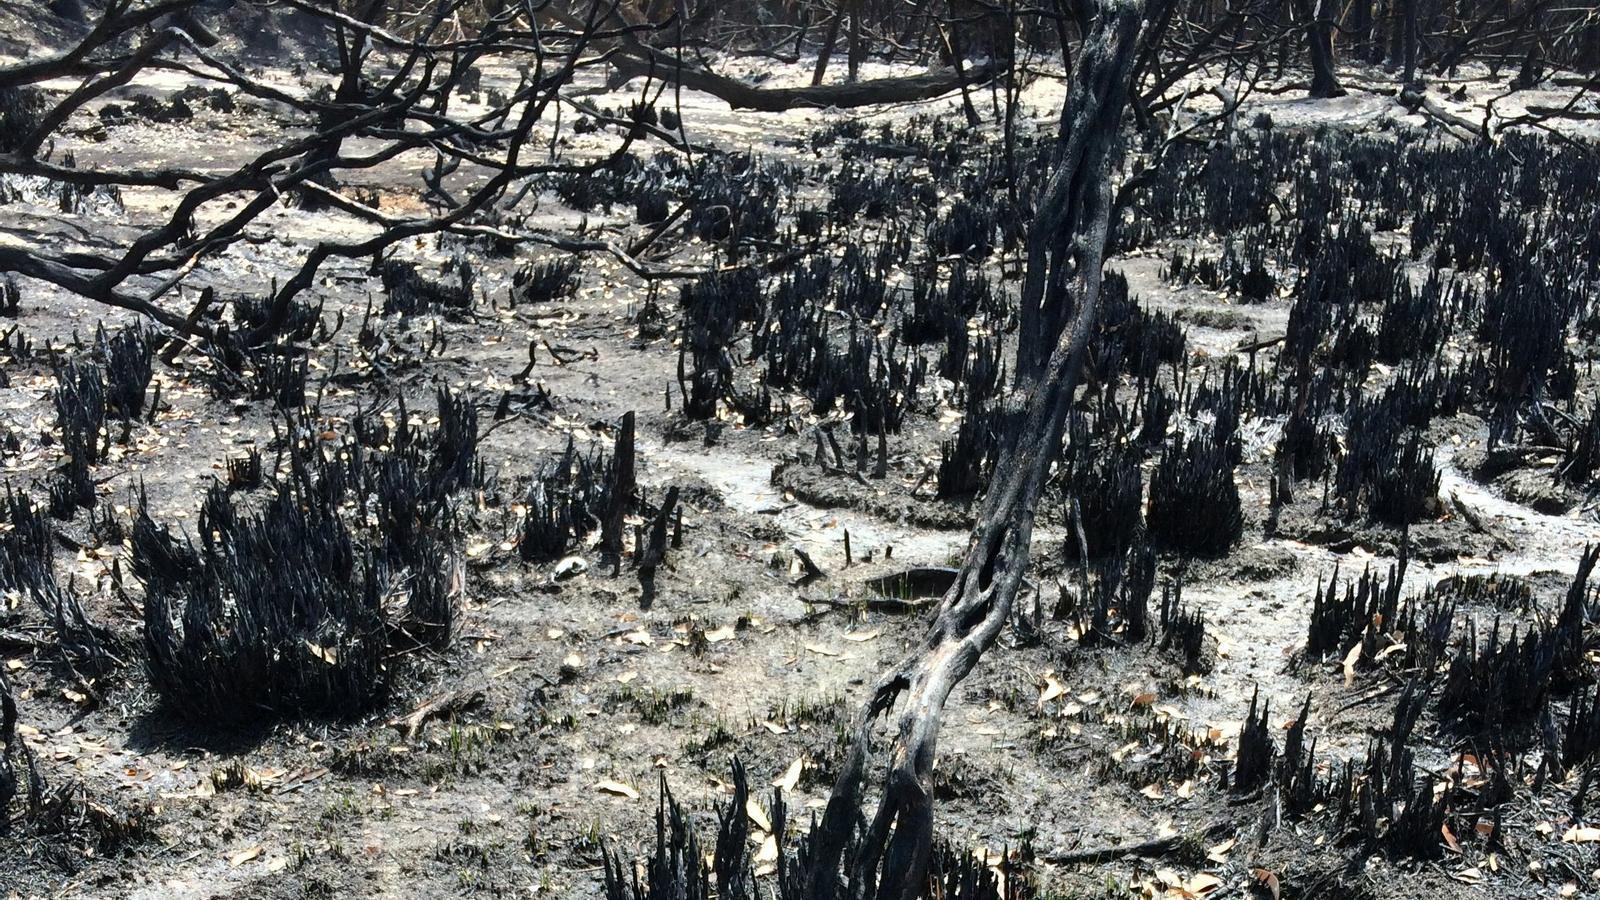 Un coala a l'illa australiana de Kangaroo, enmig  d'un bosc devastat.